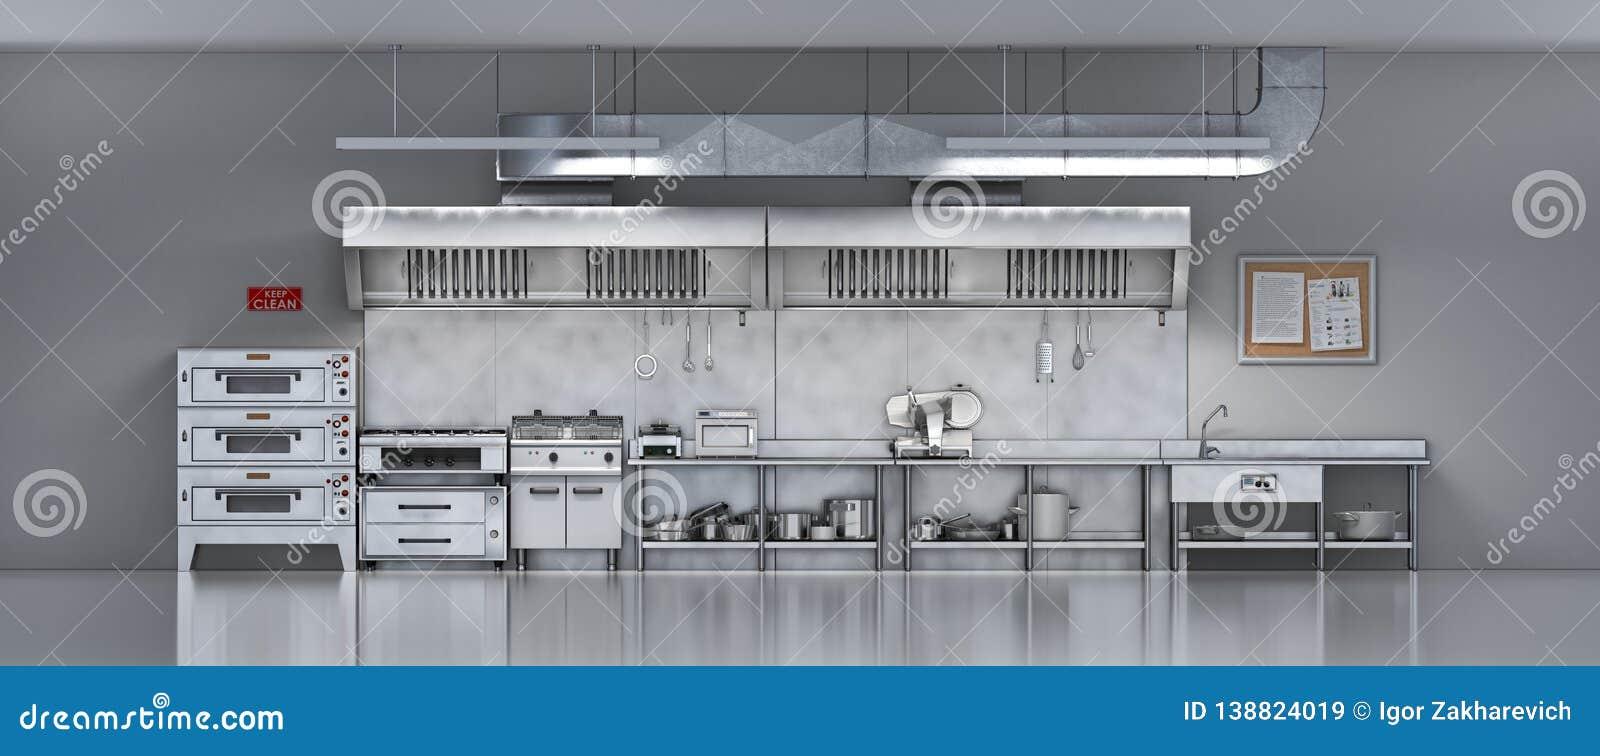 Industrial kitchen. Restaurant kitchen